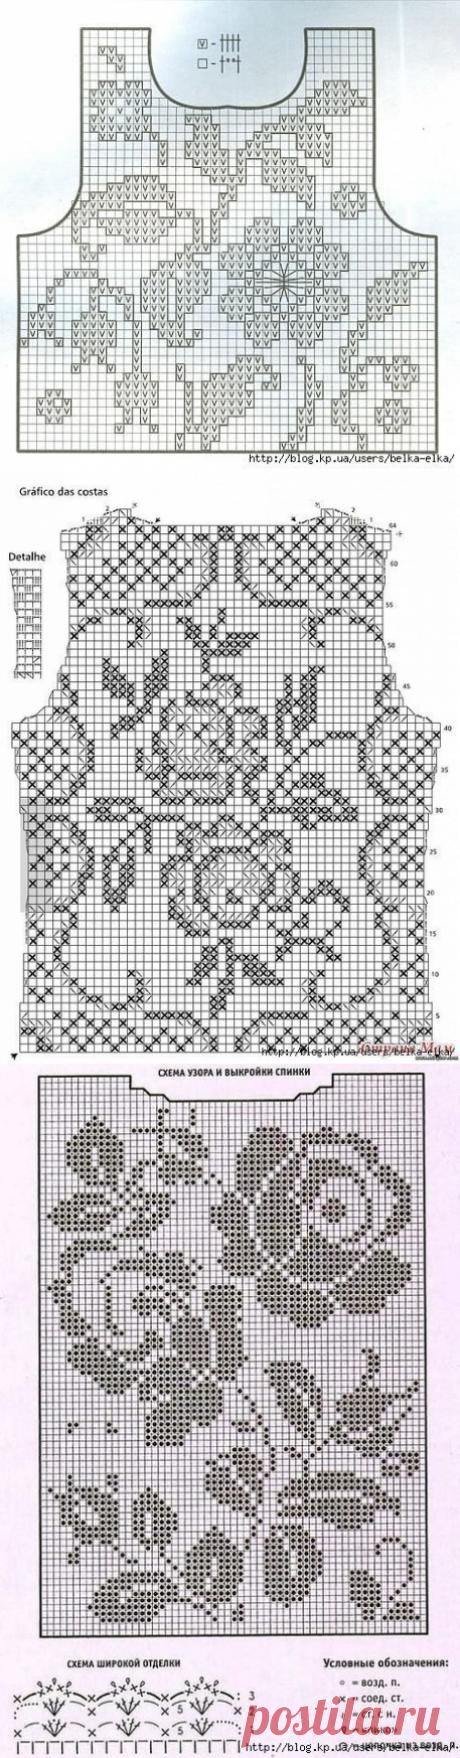 Подборка филейных схем для топов